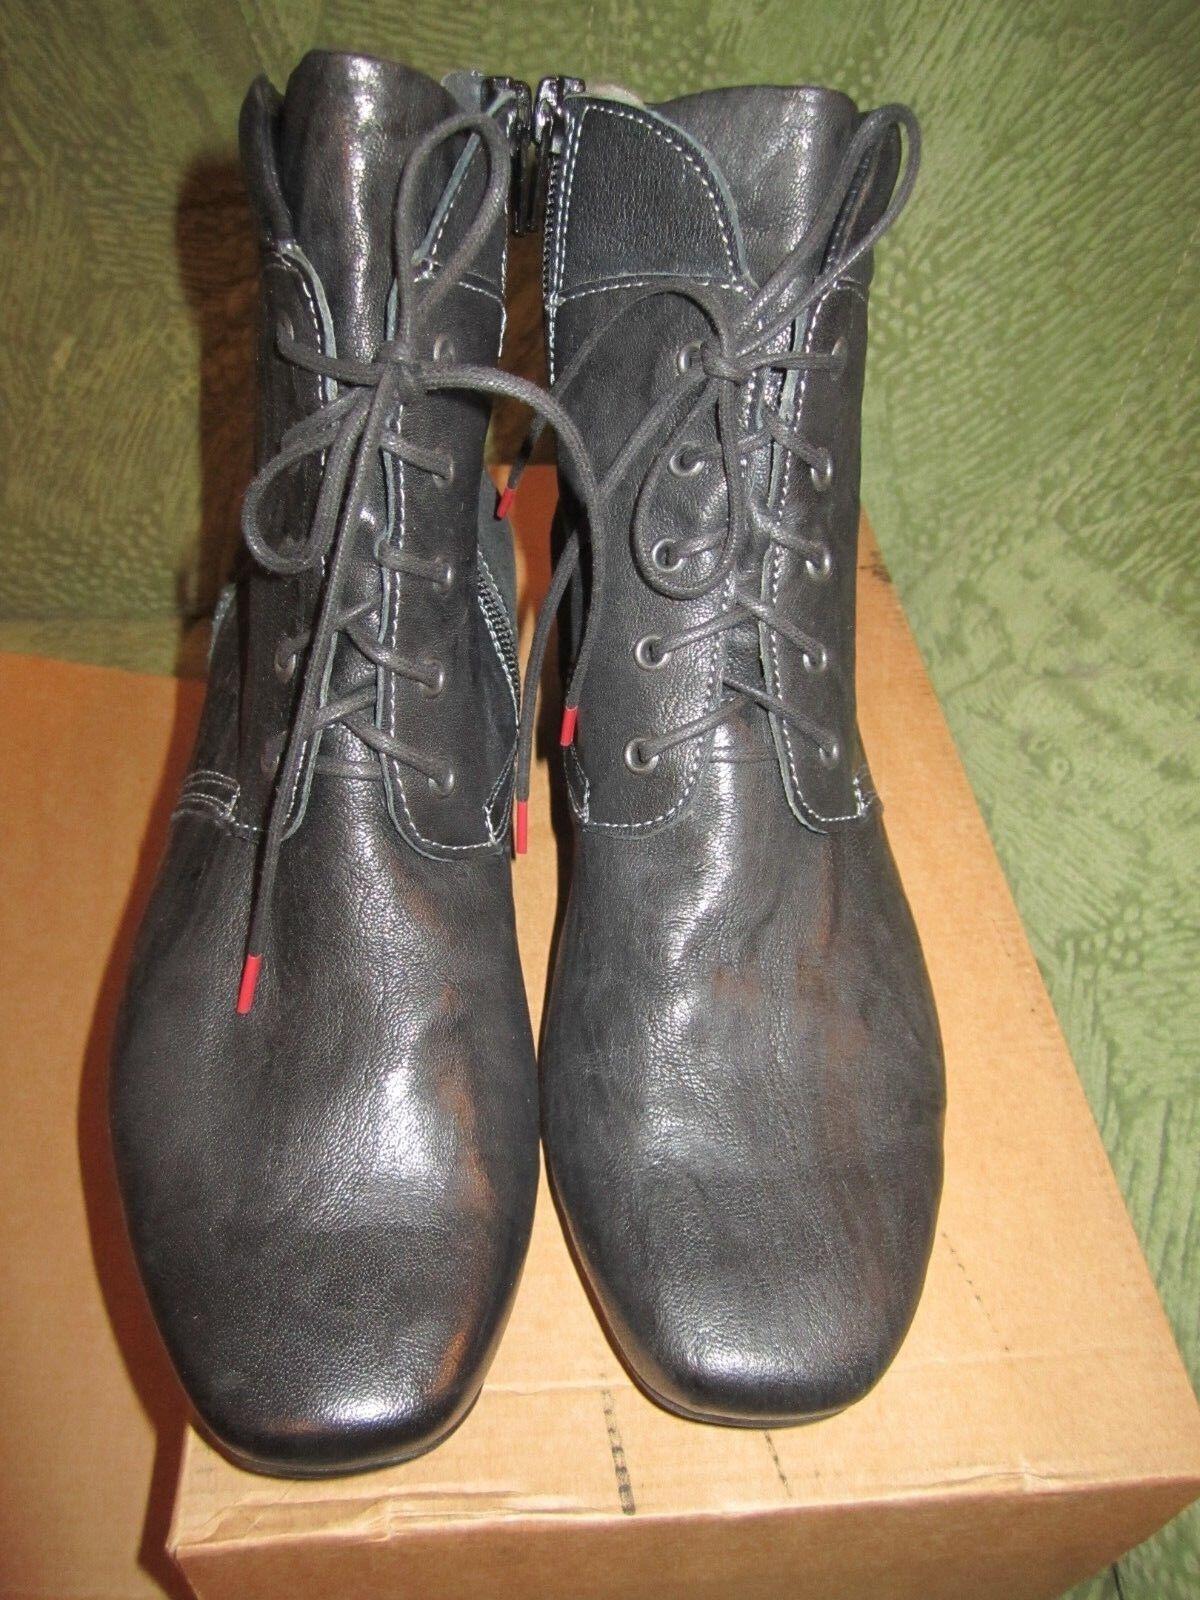 THINK Damen Leder Schnür Stiefelette  Stiefel Schuhe schuhe Schwarz Gr.37 NP 170,00